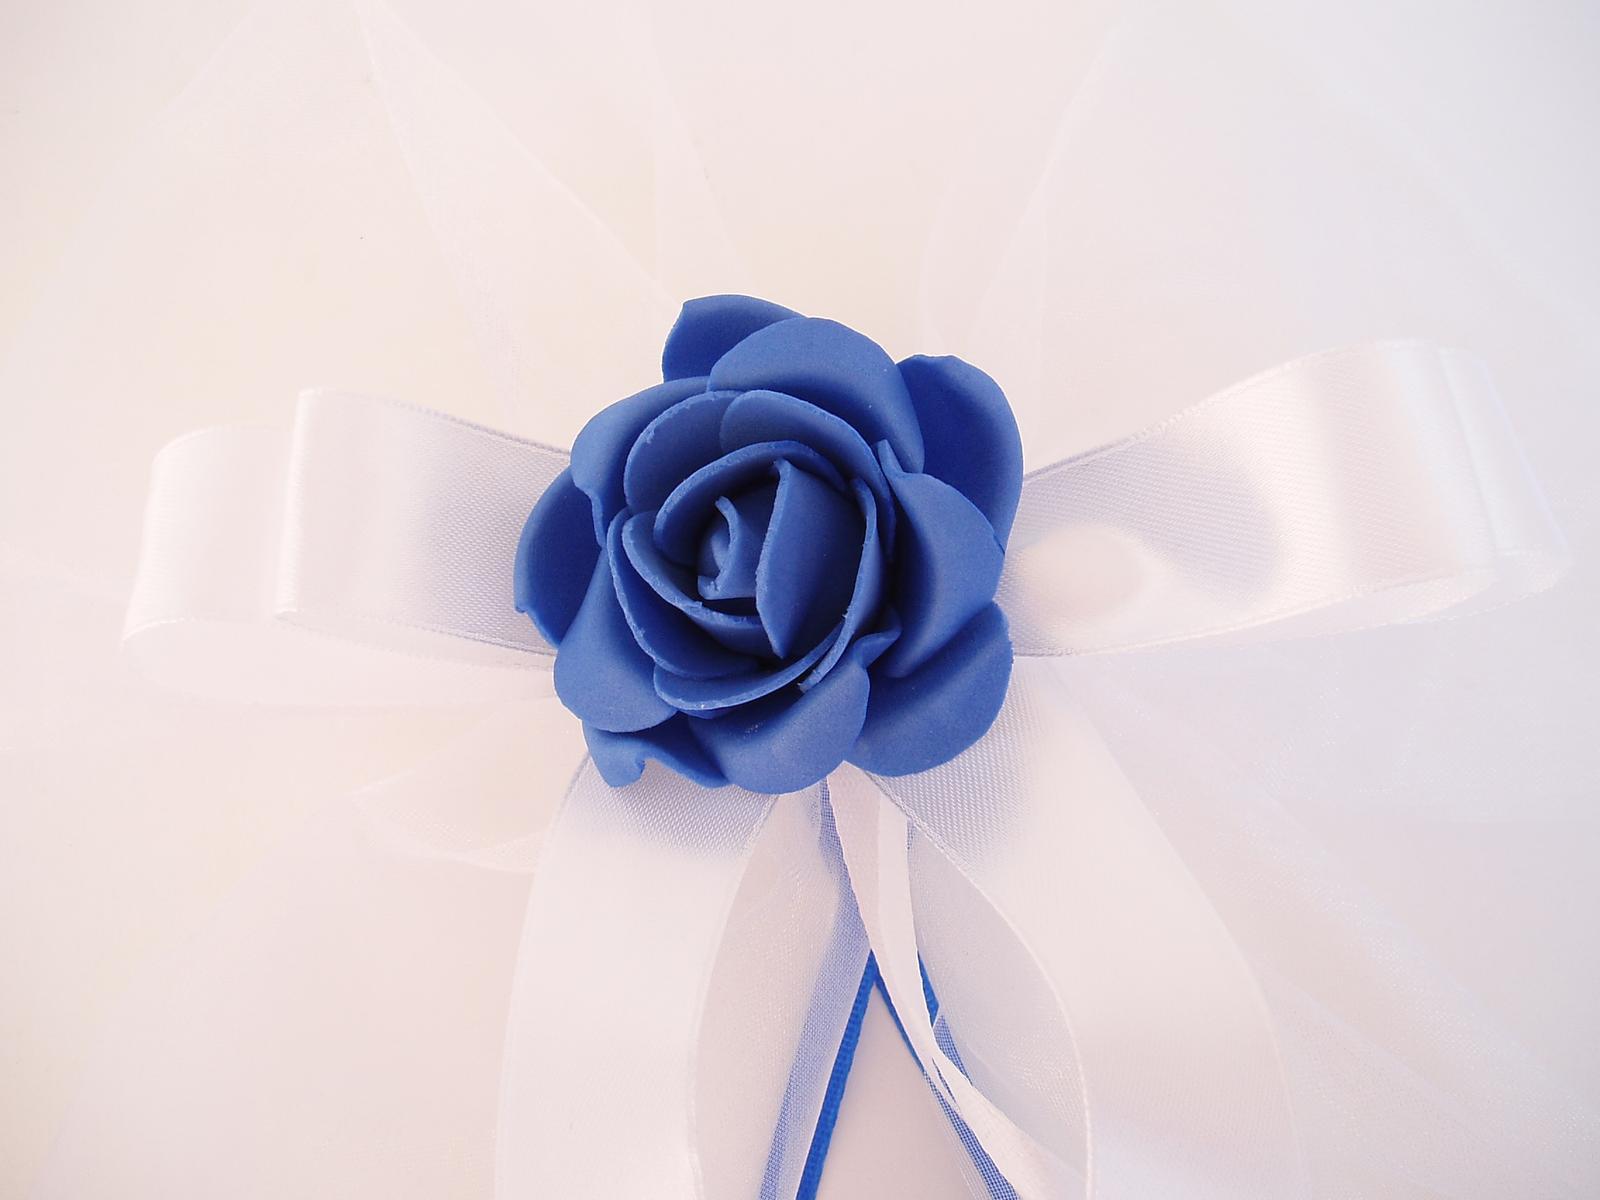 mašle na zrcátka -modrá - Obrázek č. 3